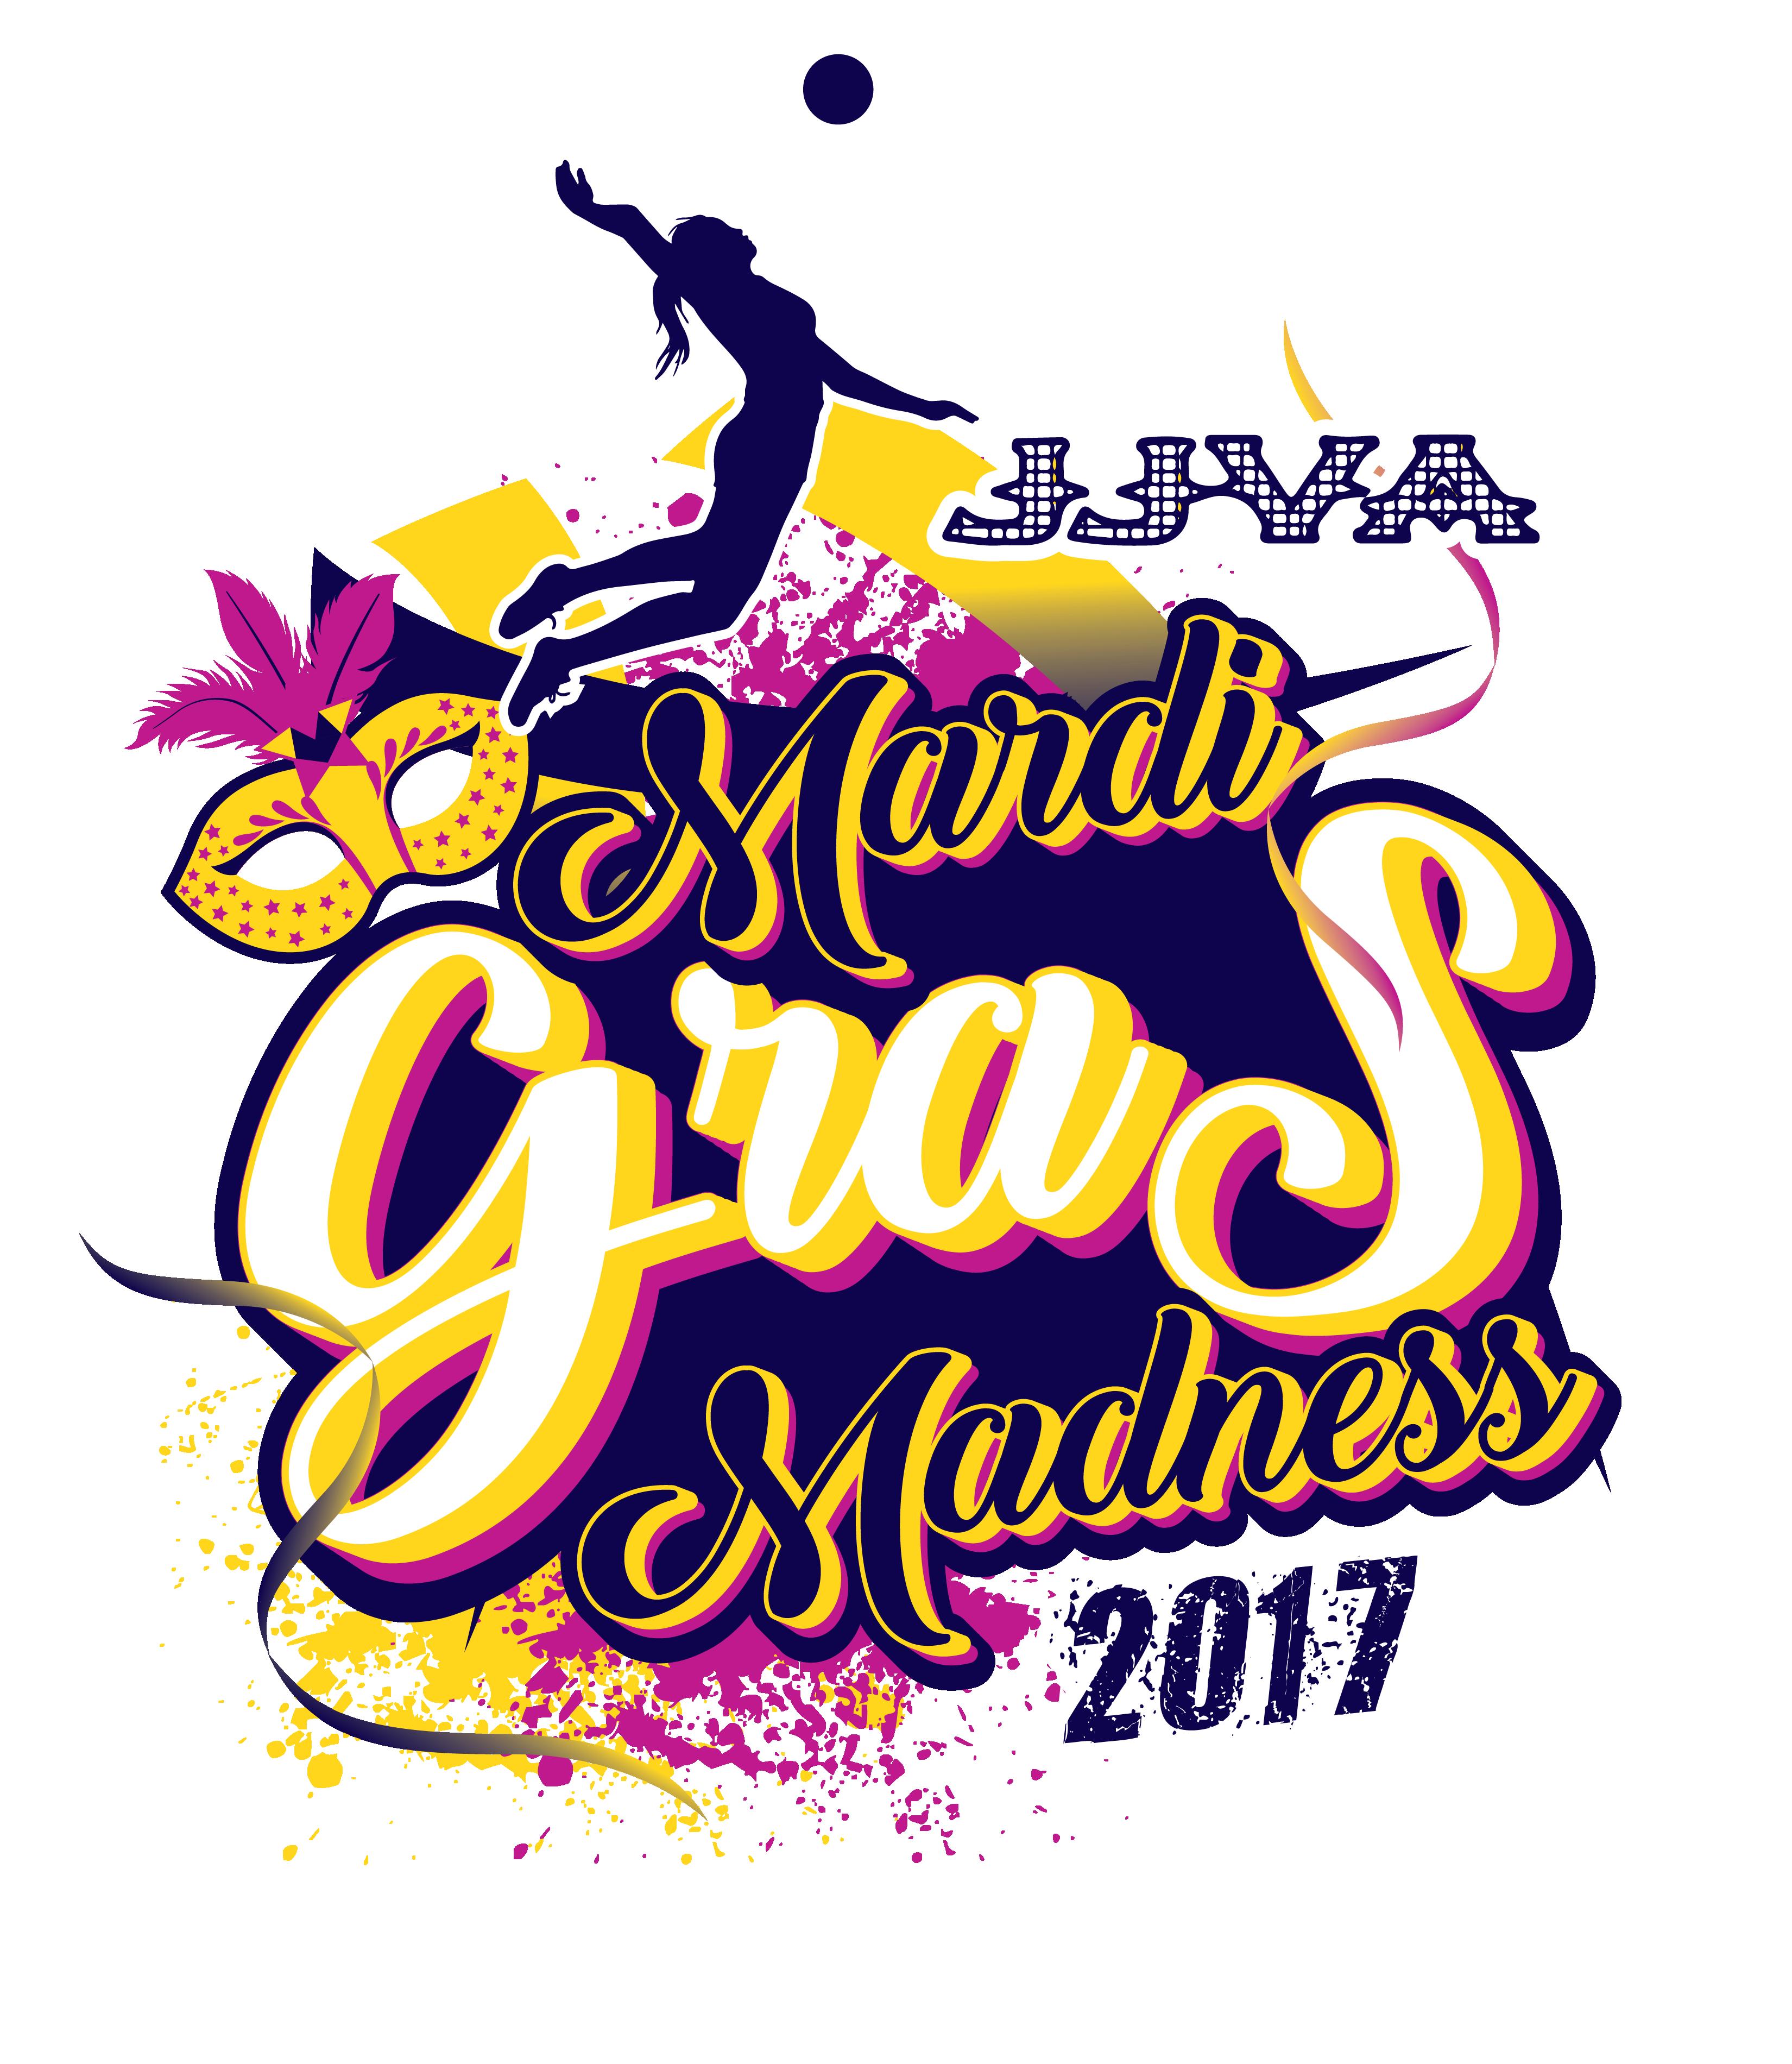 PRINT February 25 2017 Marti Gras Madness-01